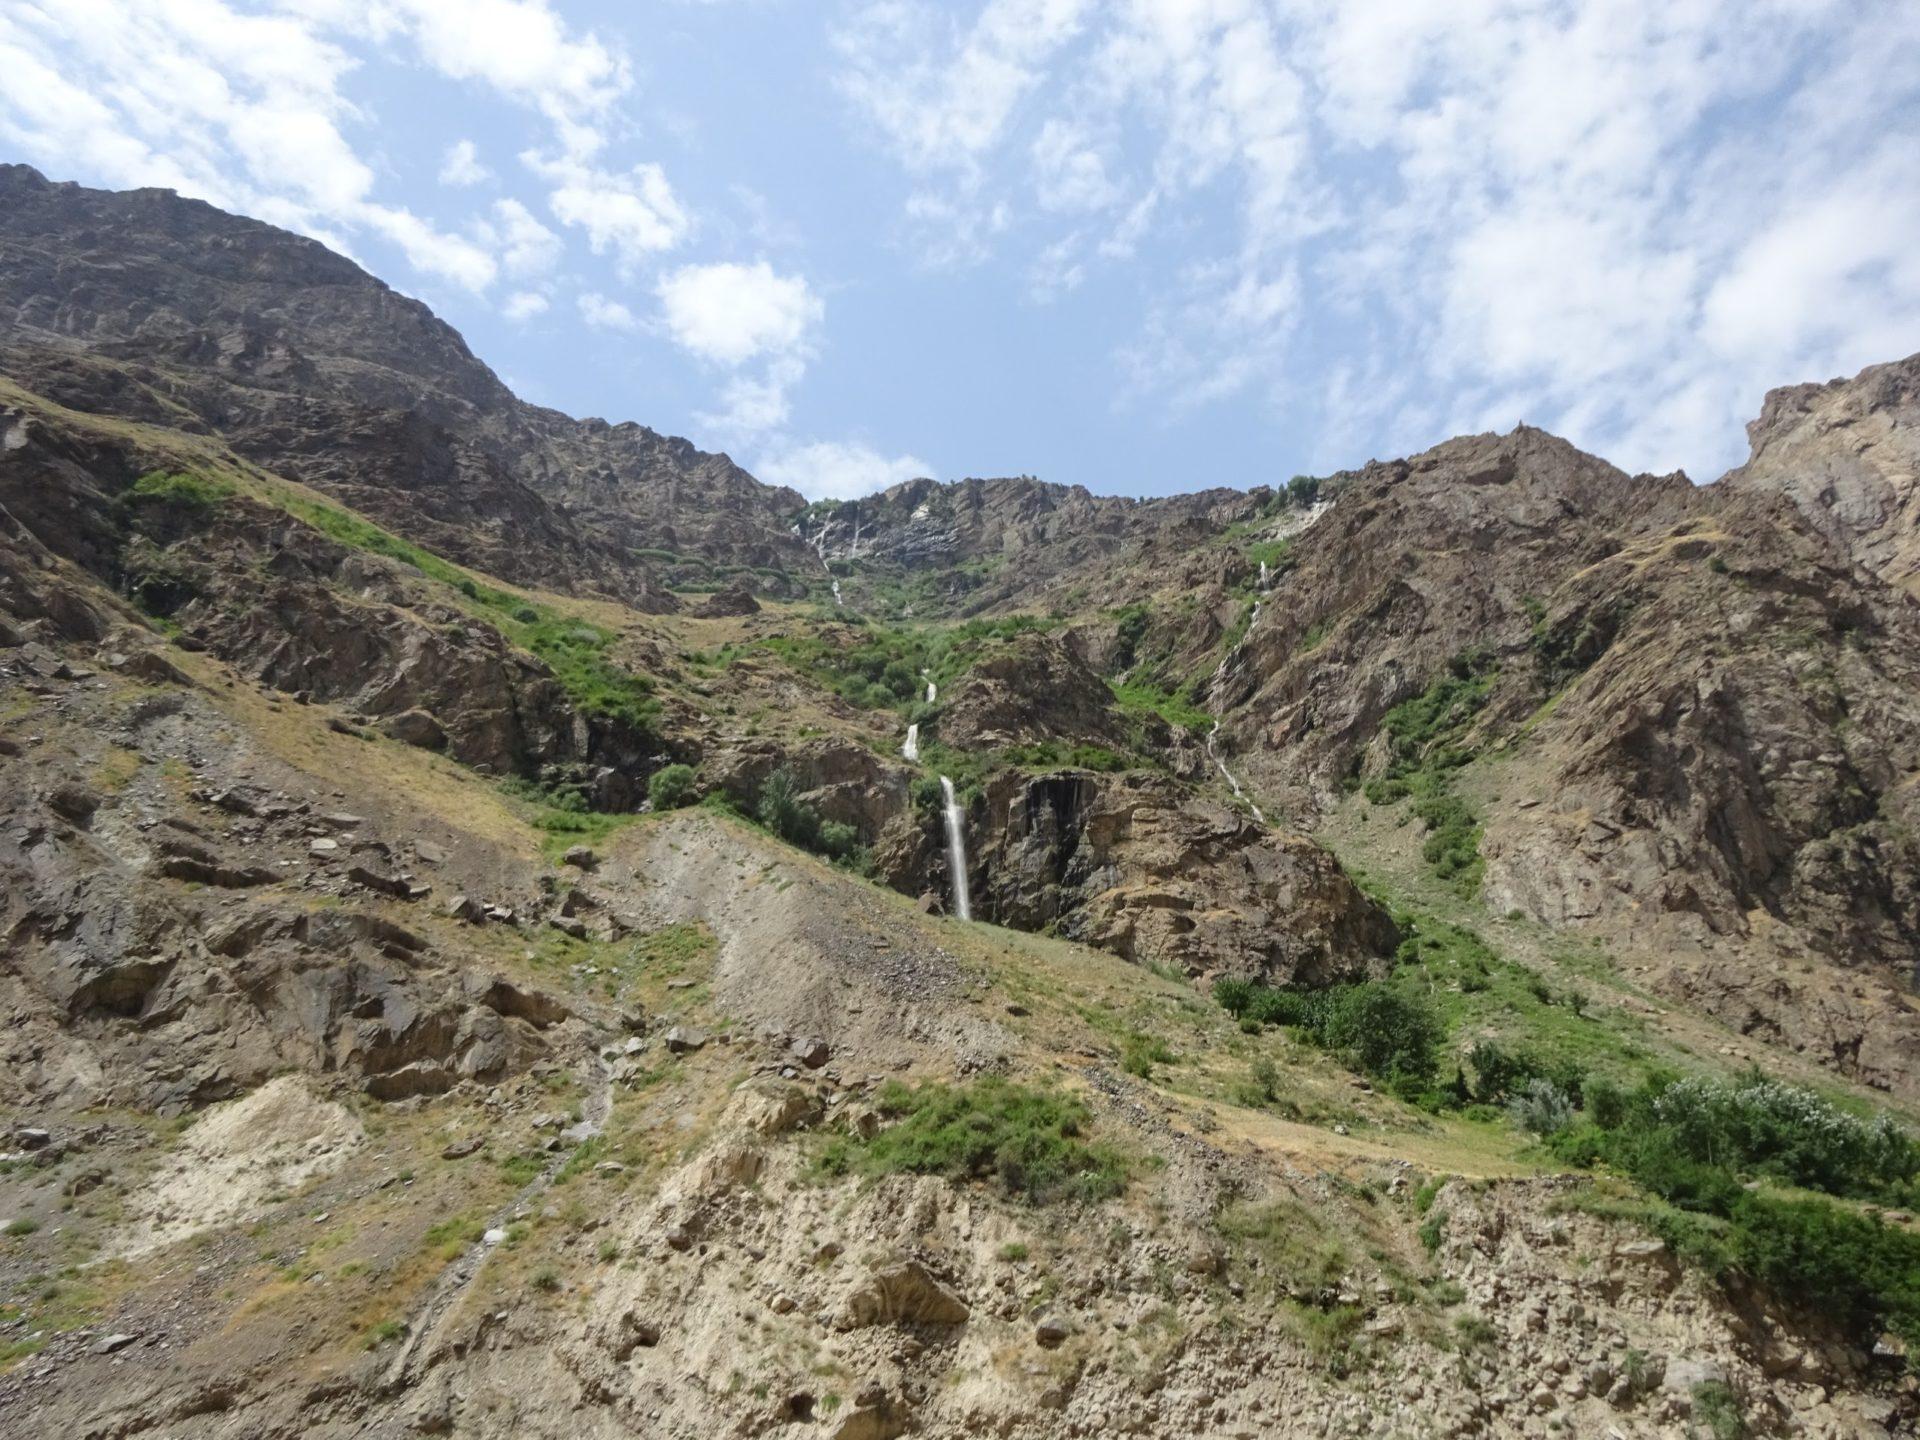 Większość trasy ciągnie się przez tereny wysokogórskie, ale roślinność potrafi rosnąć tutaj wyjątkowo bujnie. / źródło: Sławomir Dzido.